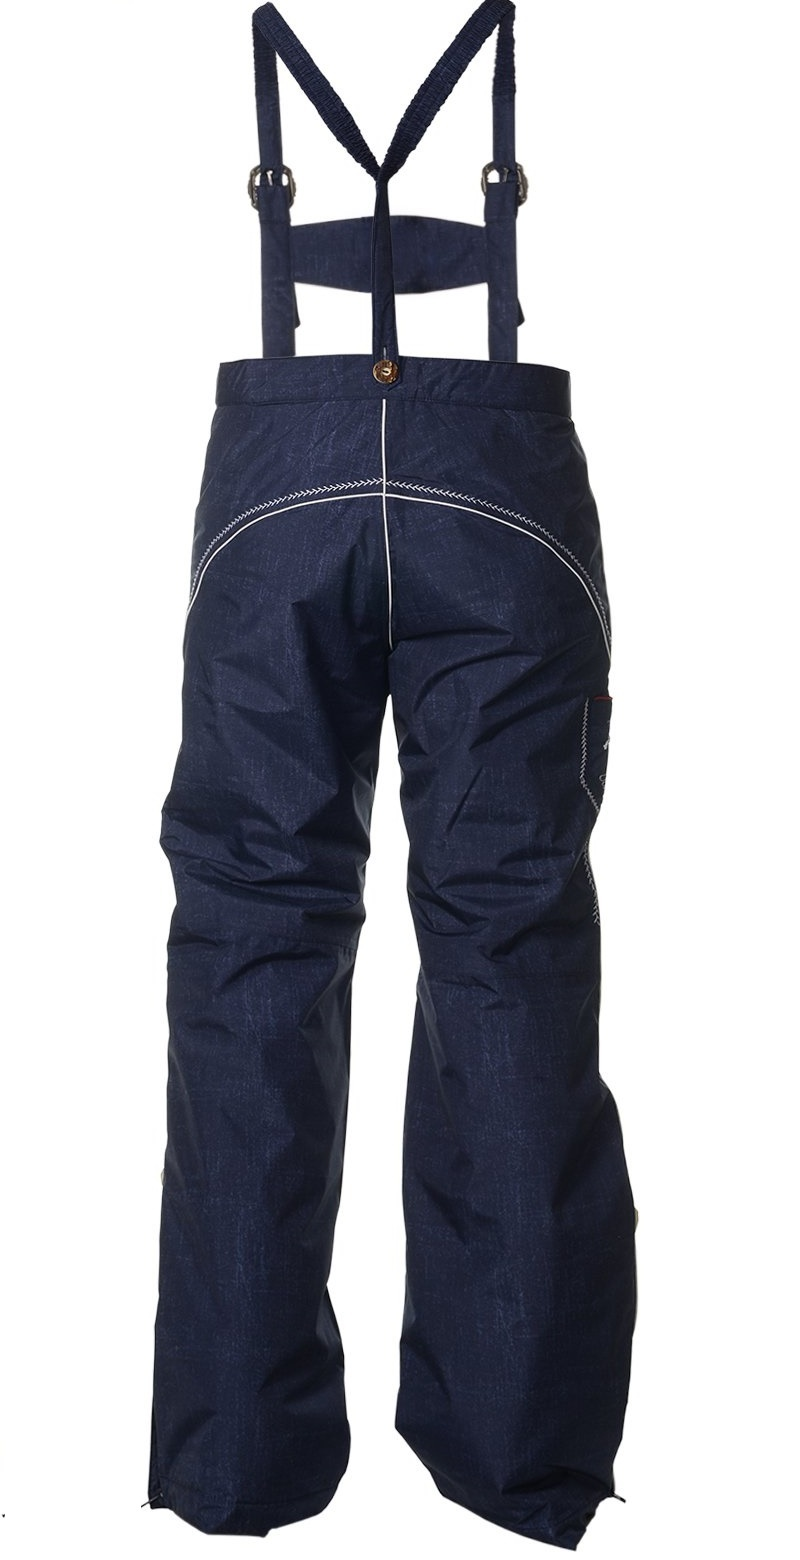 Мужская горнолыжная одежда Almrausch Steinpass-Lois 320109-121136 фото